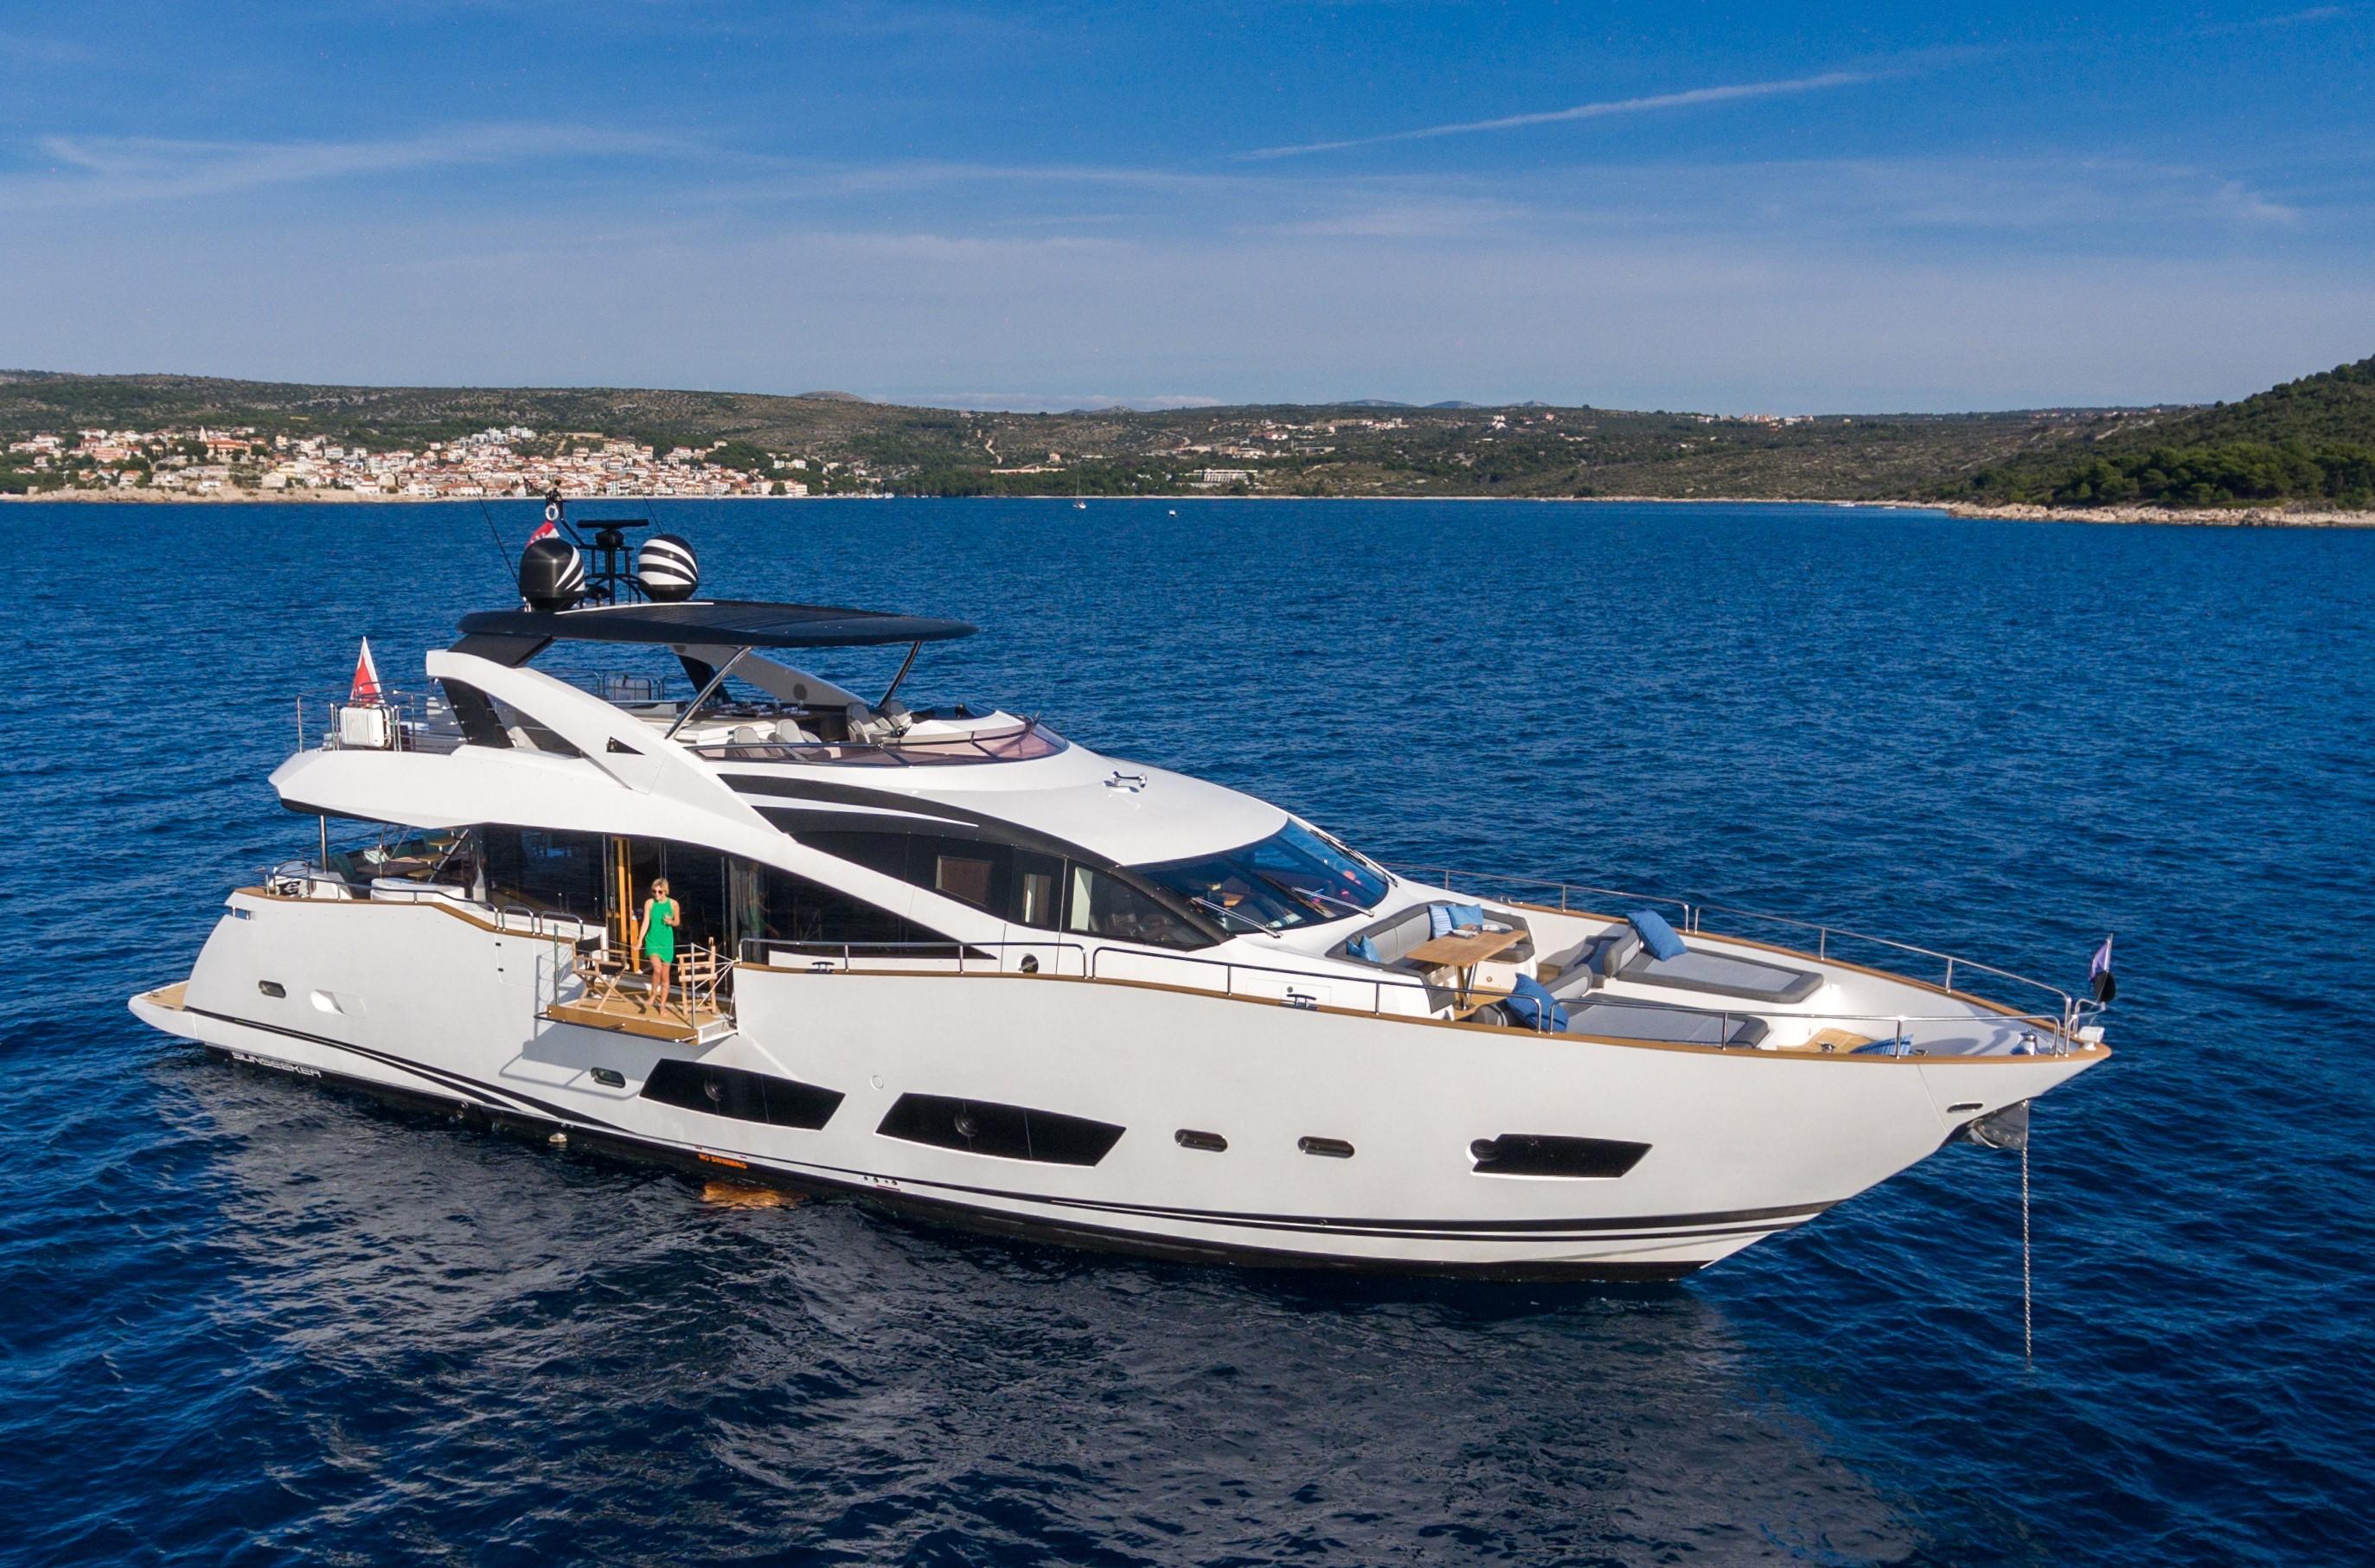 Sunseeker 28 Metre Yacht Sunseeker 28 metre for sale